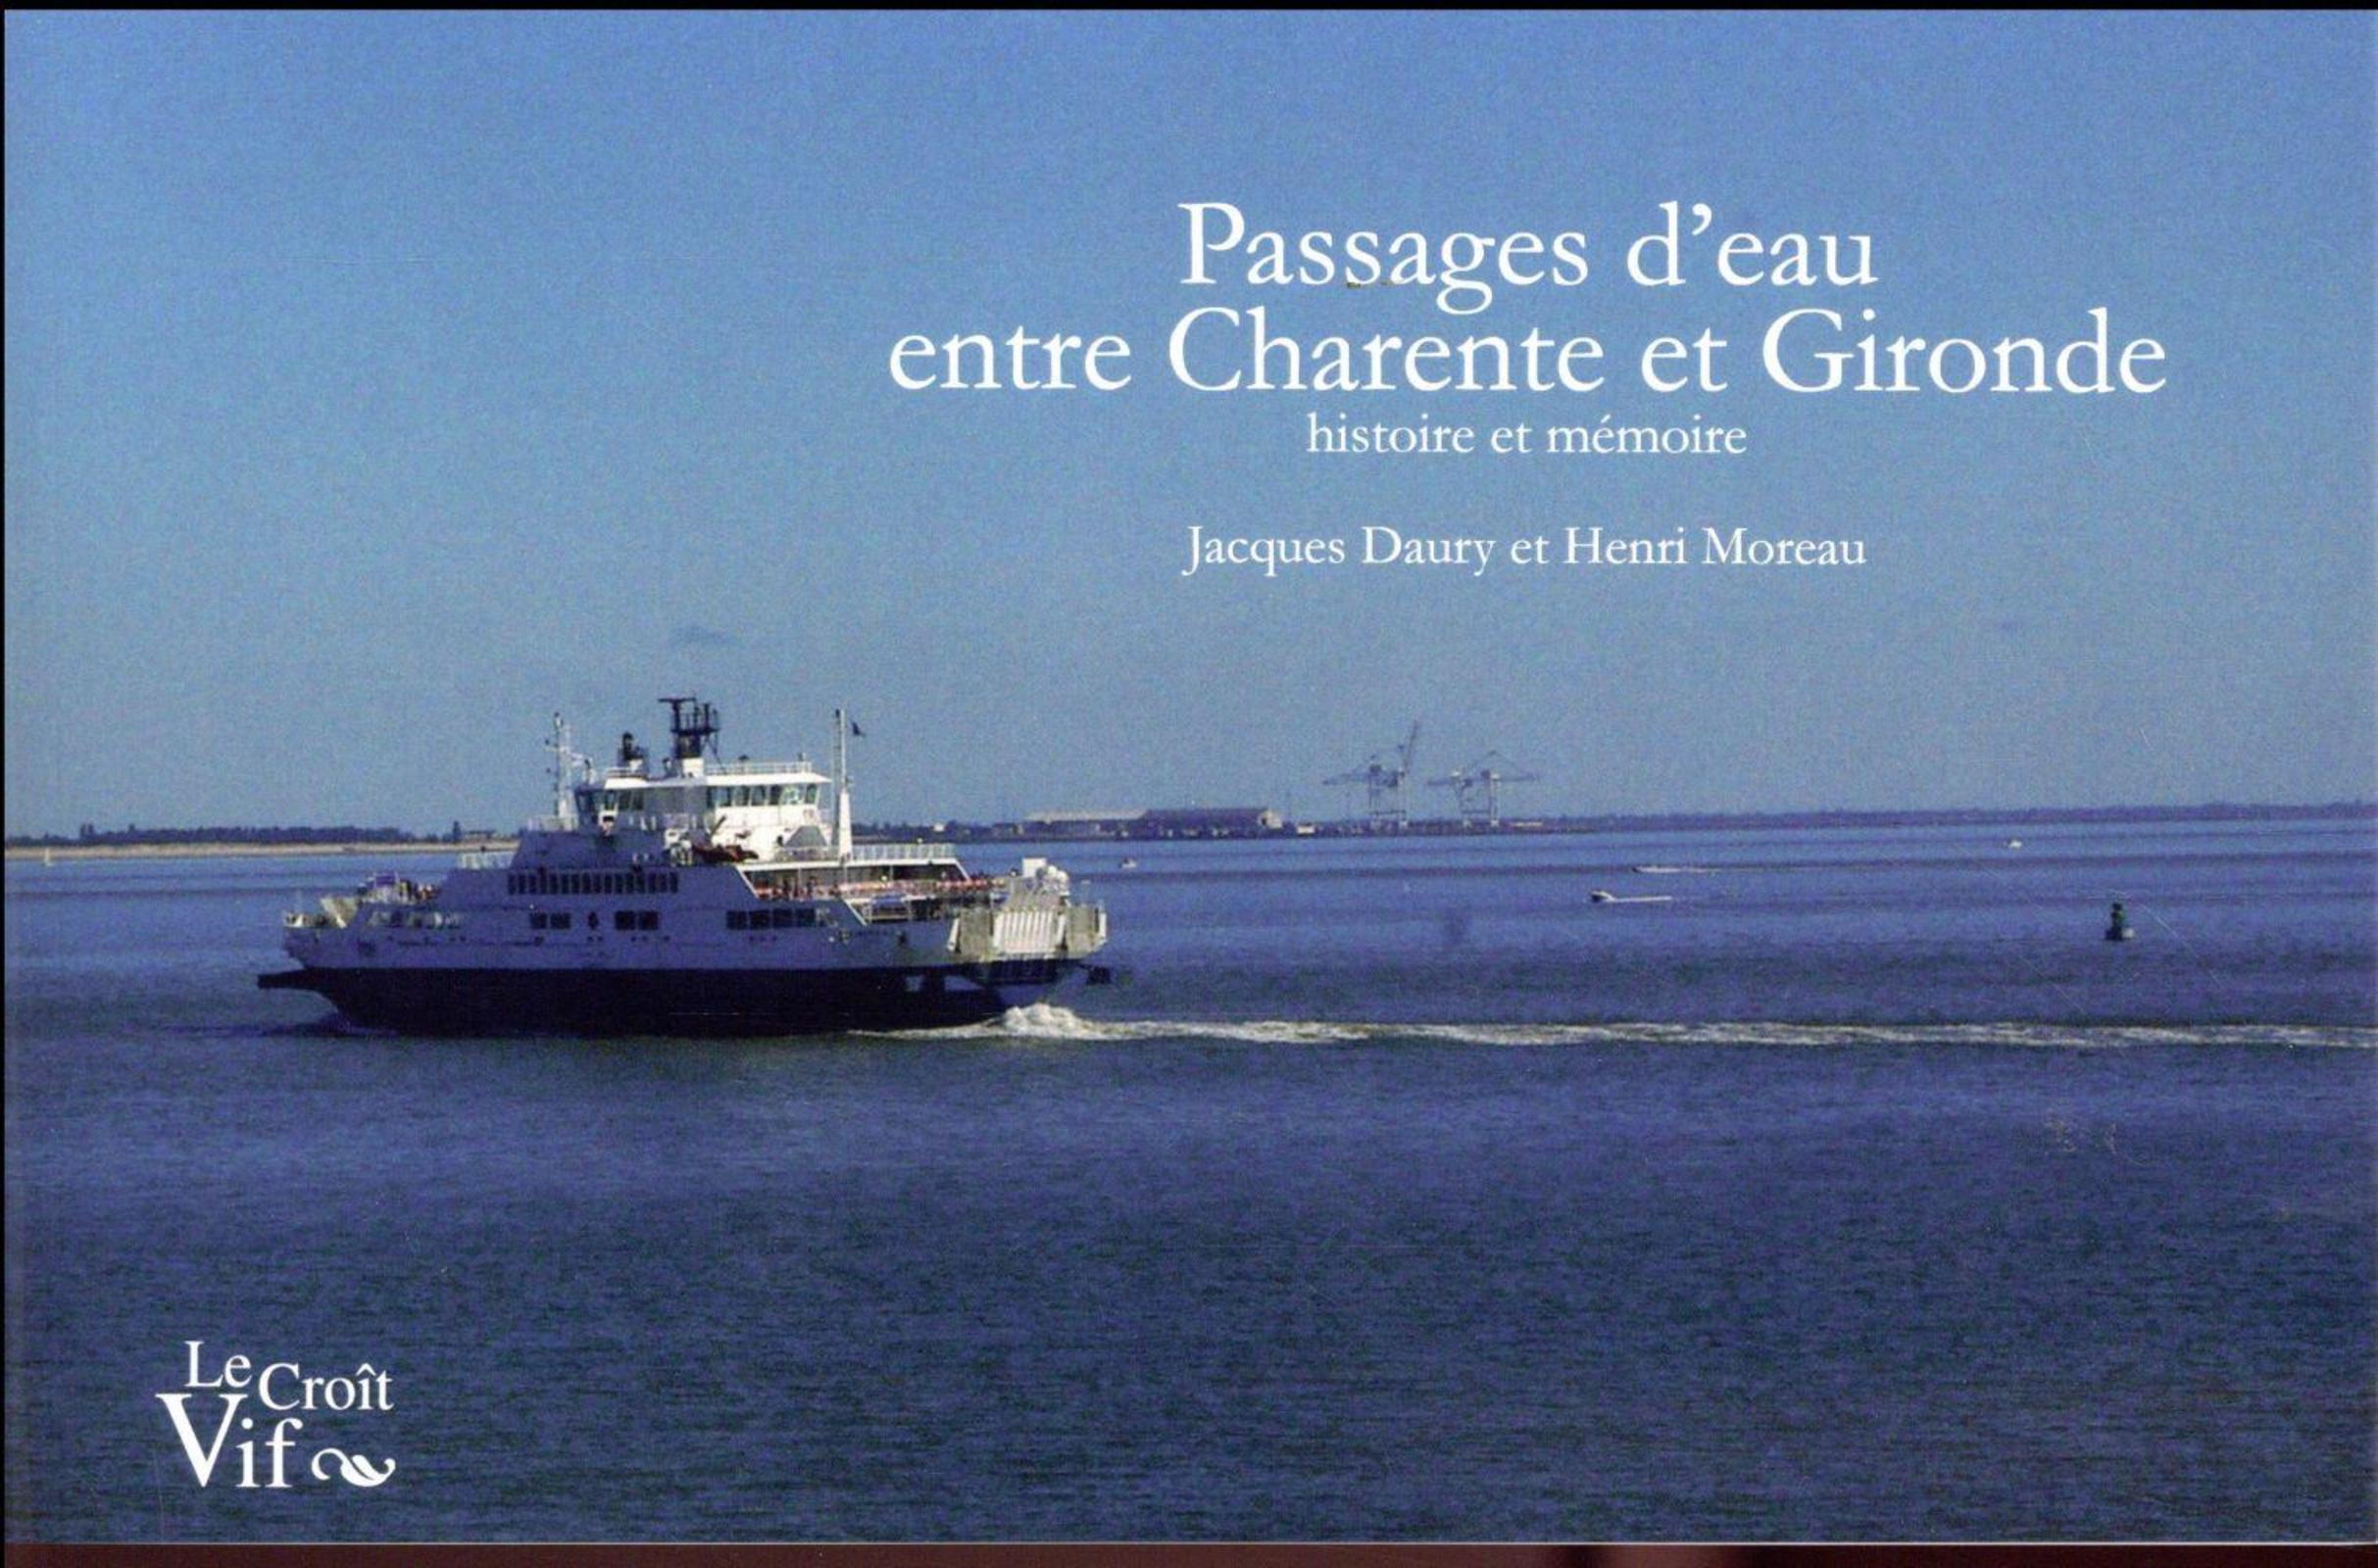 PASSAGES D'EAU ENTRE CHARENTE ET GIRONDE. HISTOIRE ET MEMOIRE